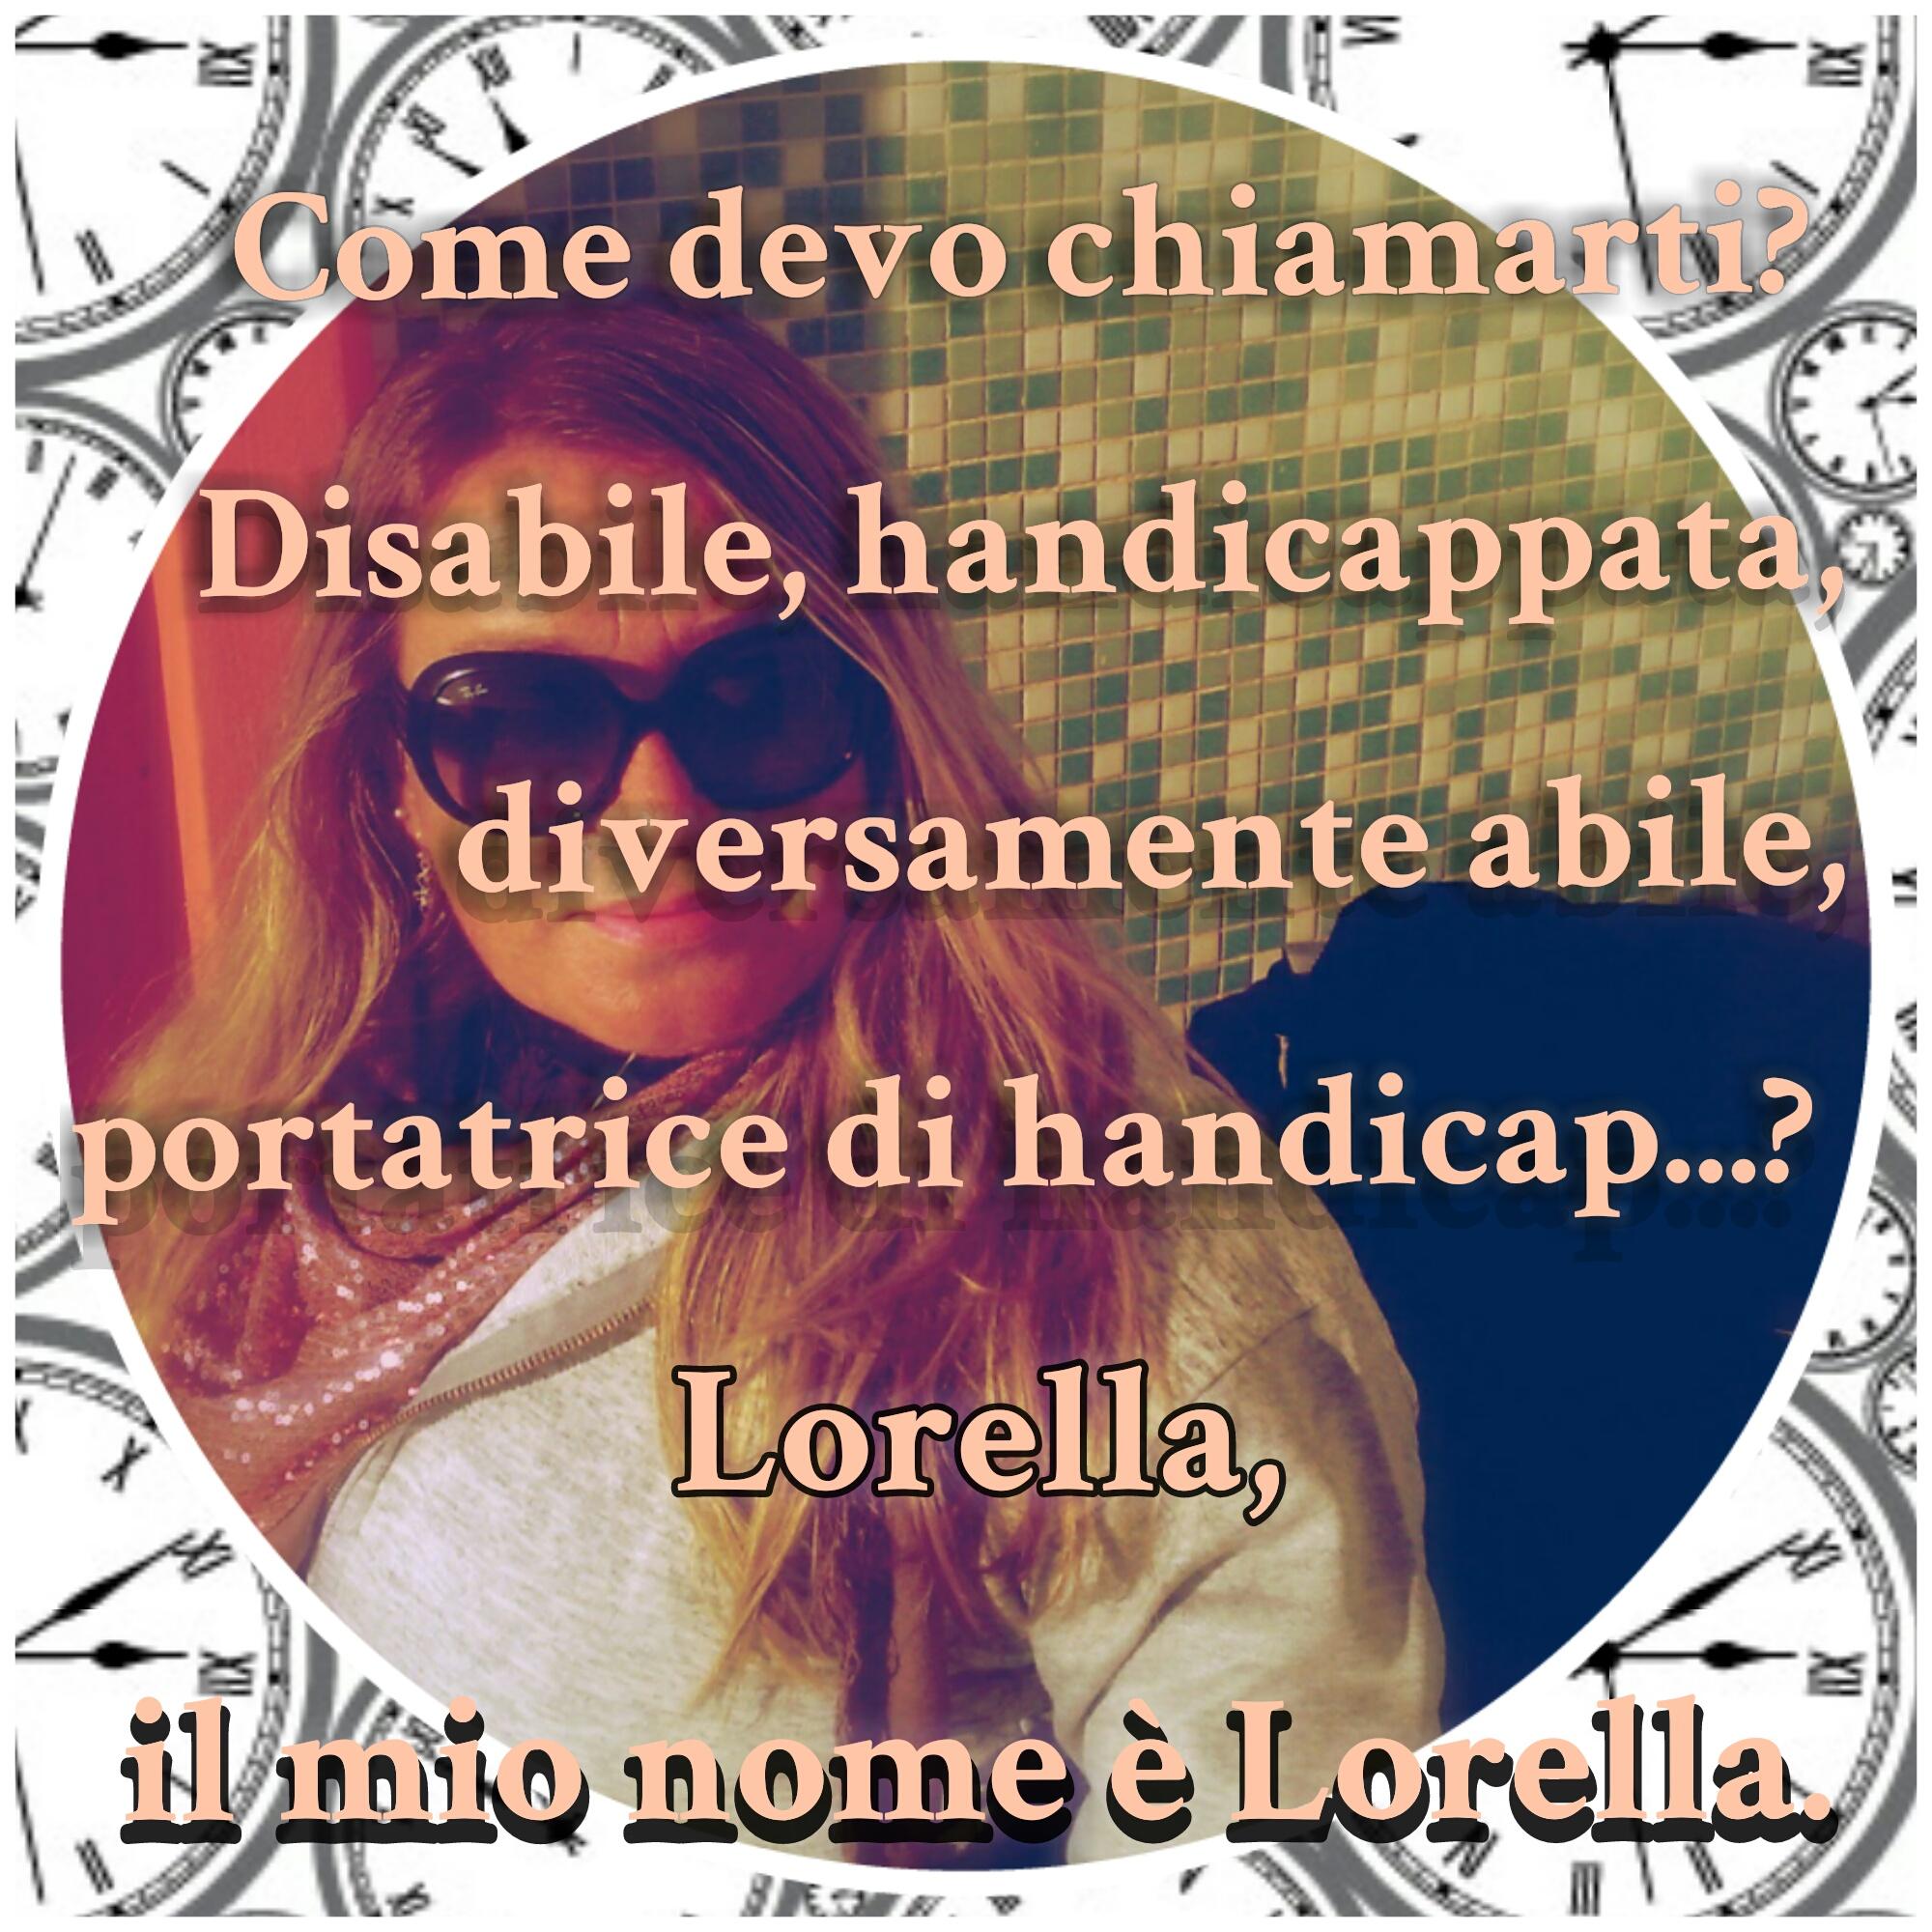 Favoloso Frasi celebri citazioni | Sirena Guerriglia Blog | Pagina 3 PJ13